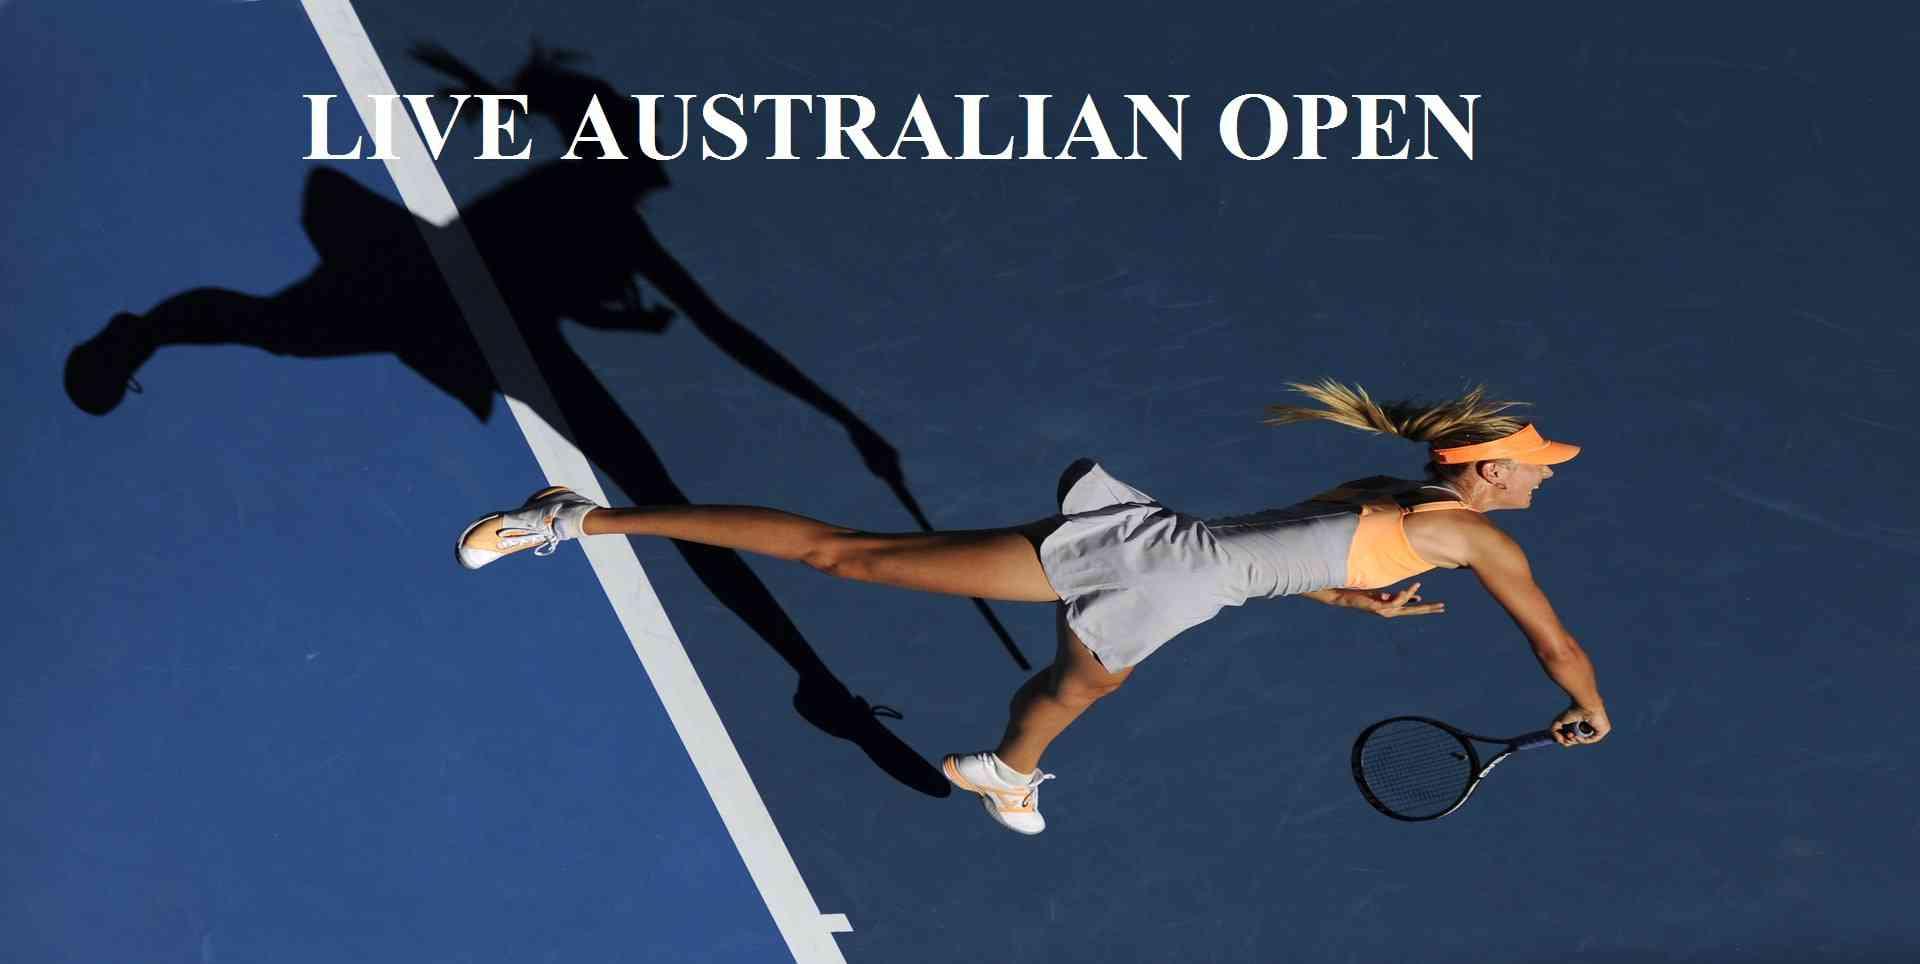 Serena Williams vs Belinda Bencic live